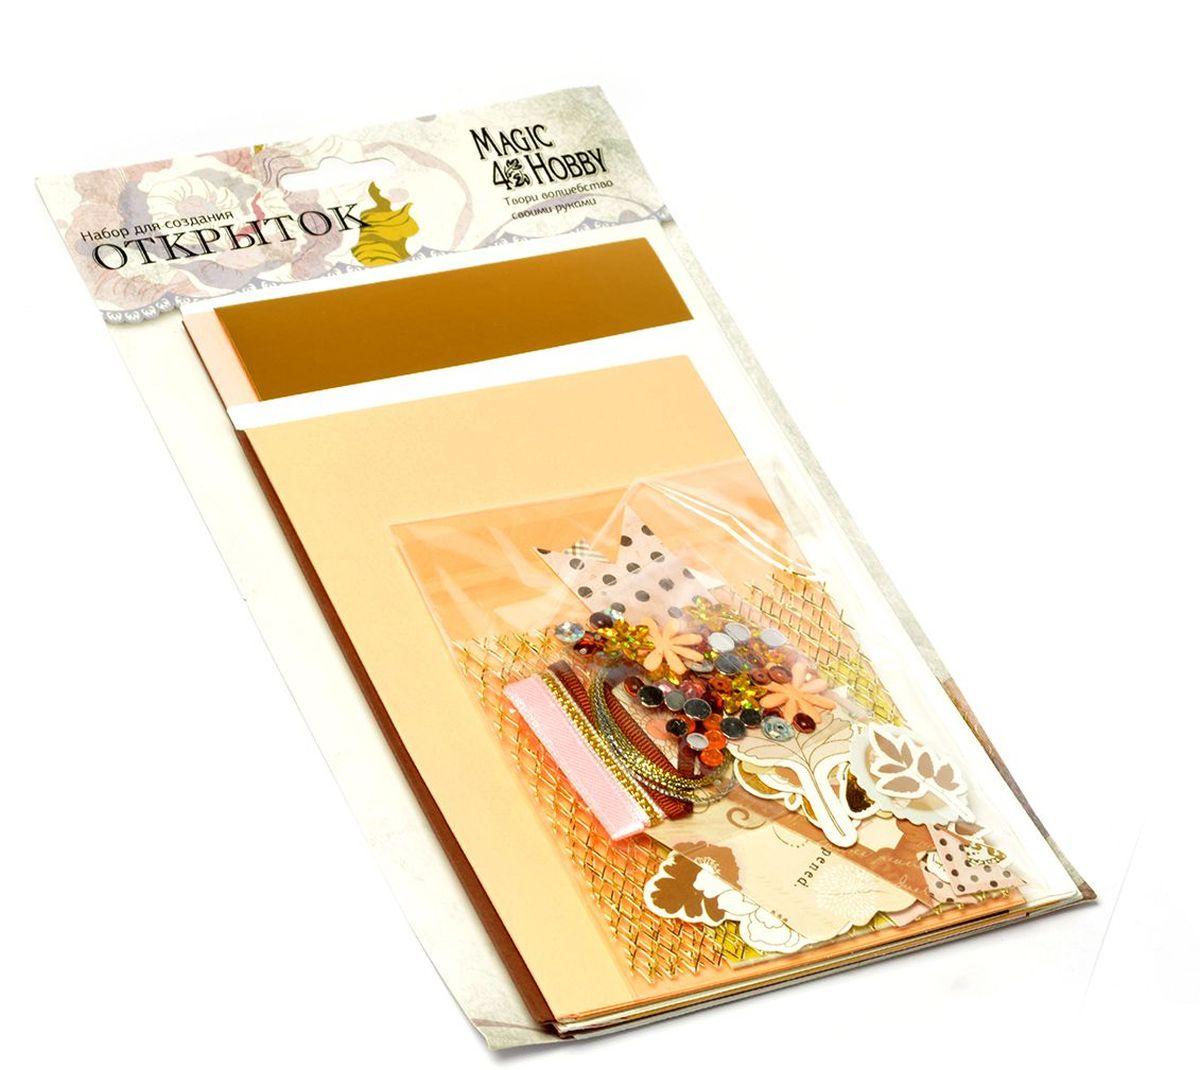 Набор для создания открыток Magic 4 Hobby MG.DIY-6B №2 11,5x17 см; 11,5x21 смMG.DIY-6B.2